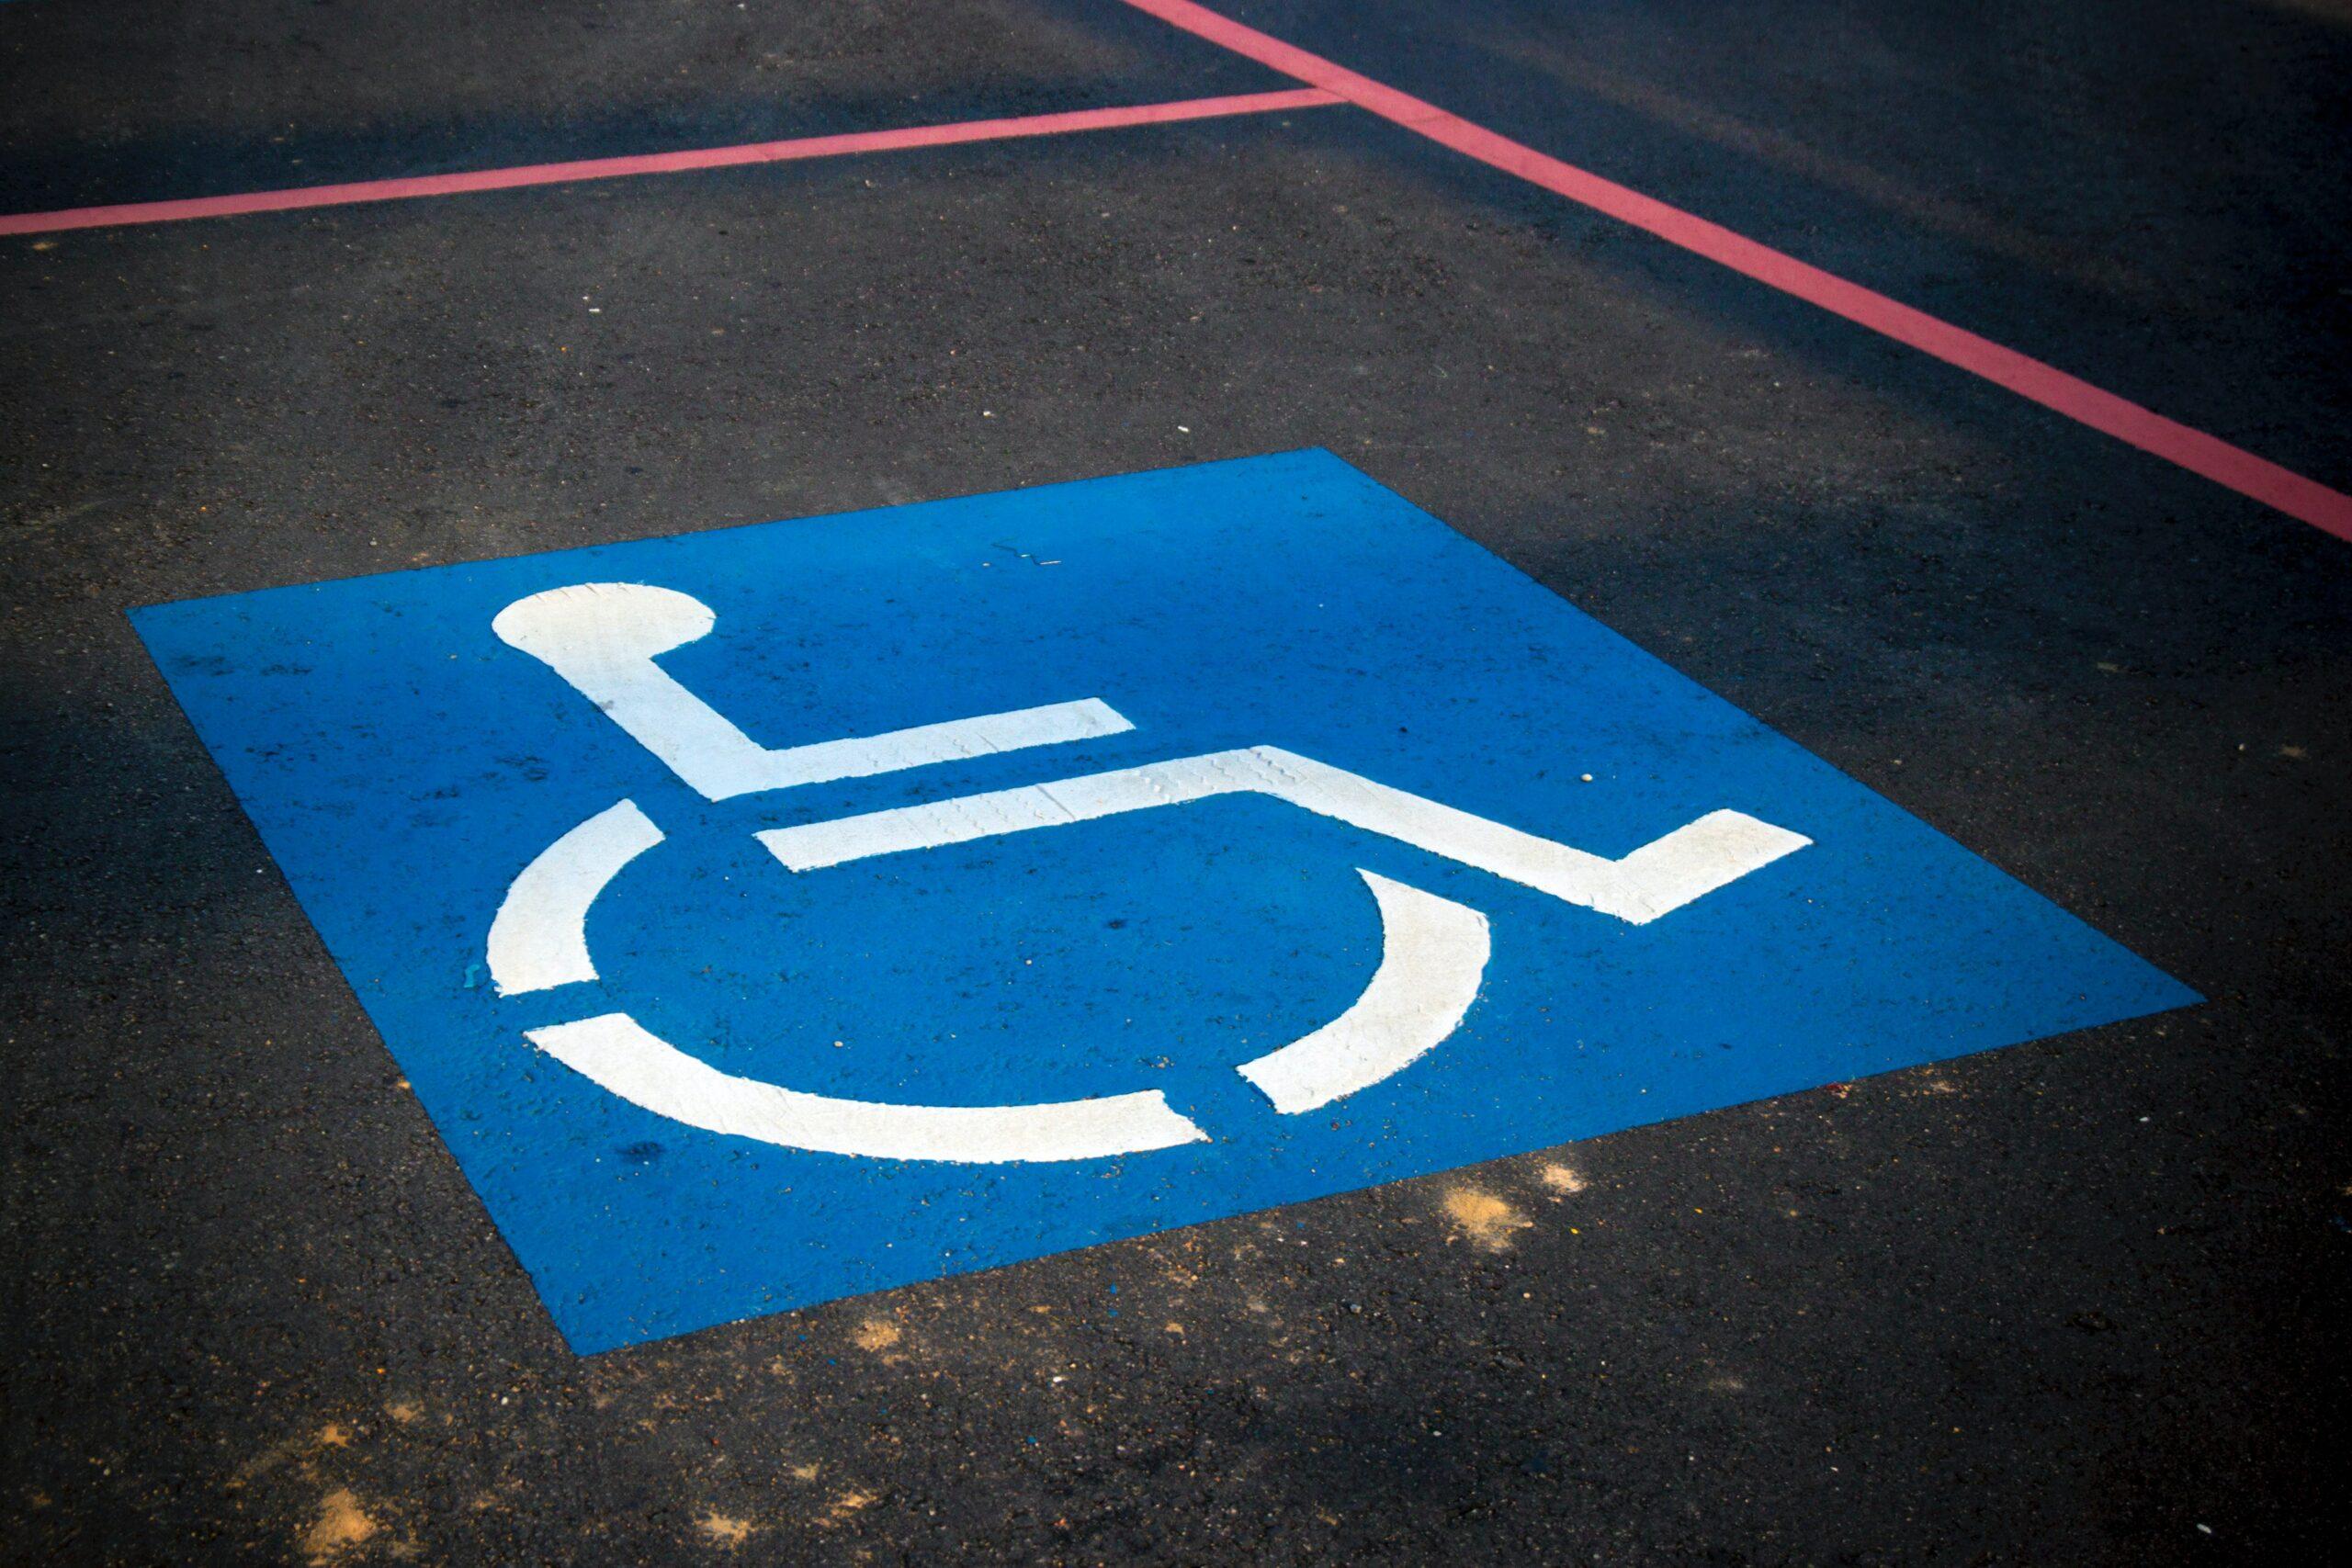 Samochody autonomiczne szansą dla osób niepełnosprawnych